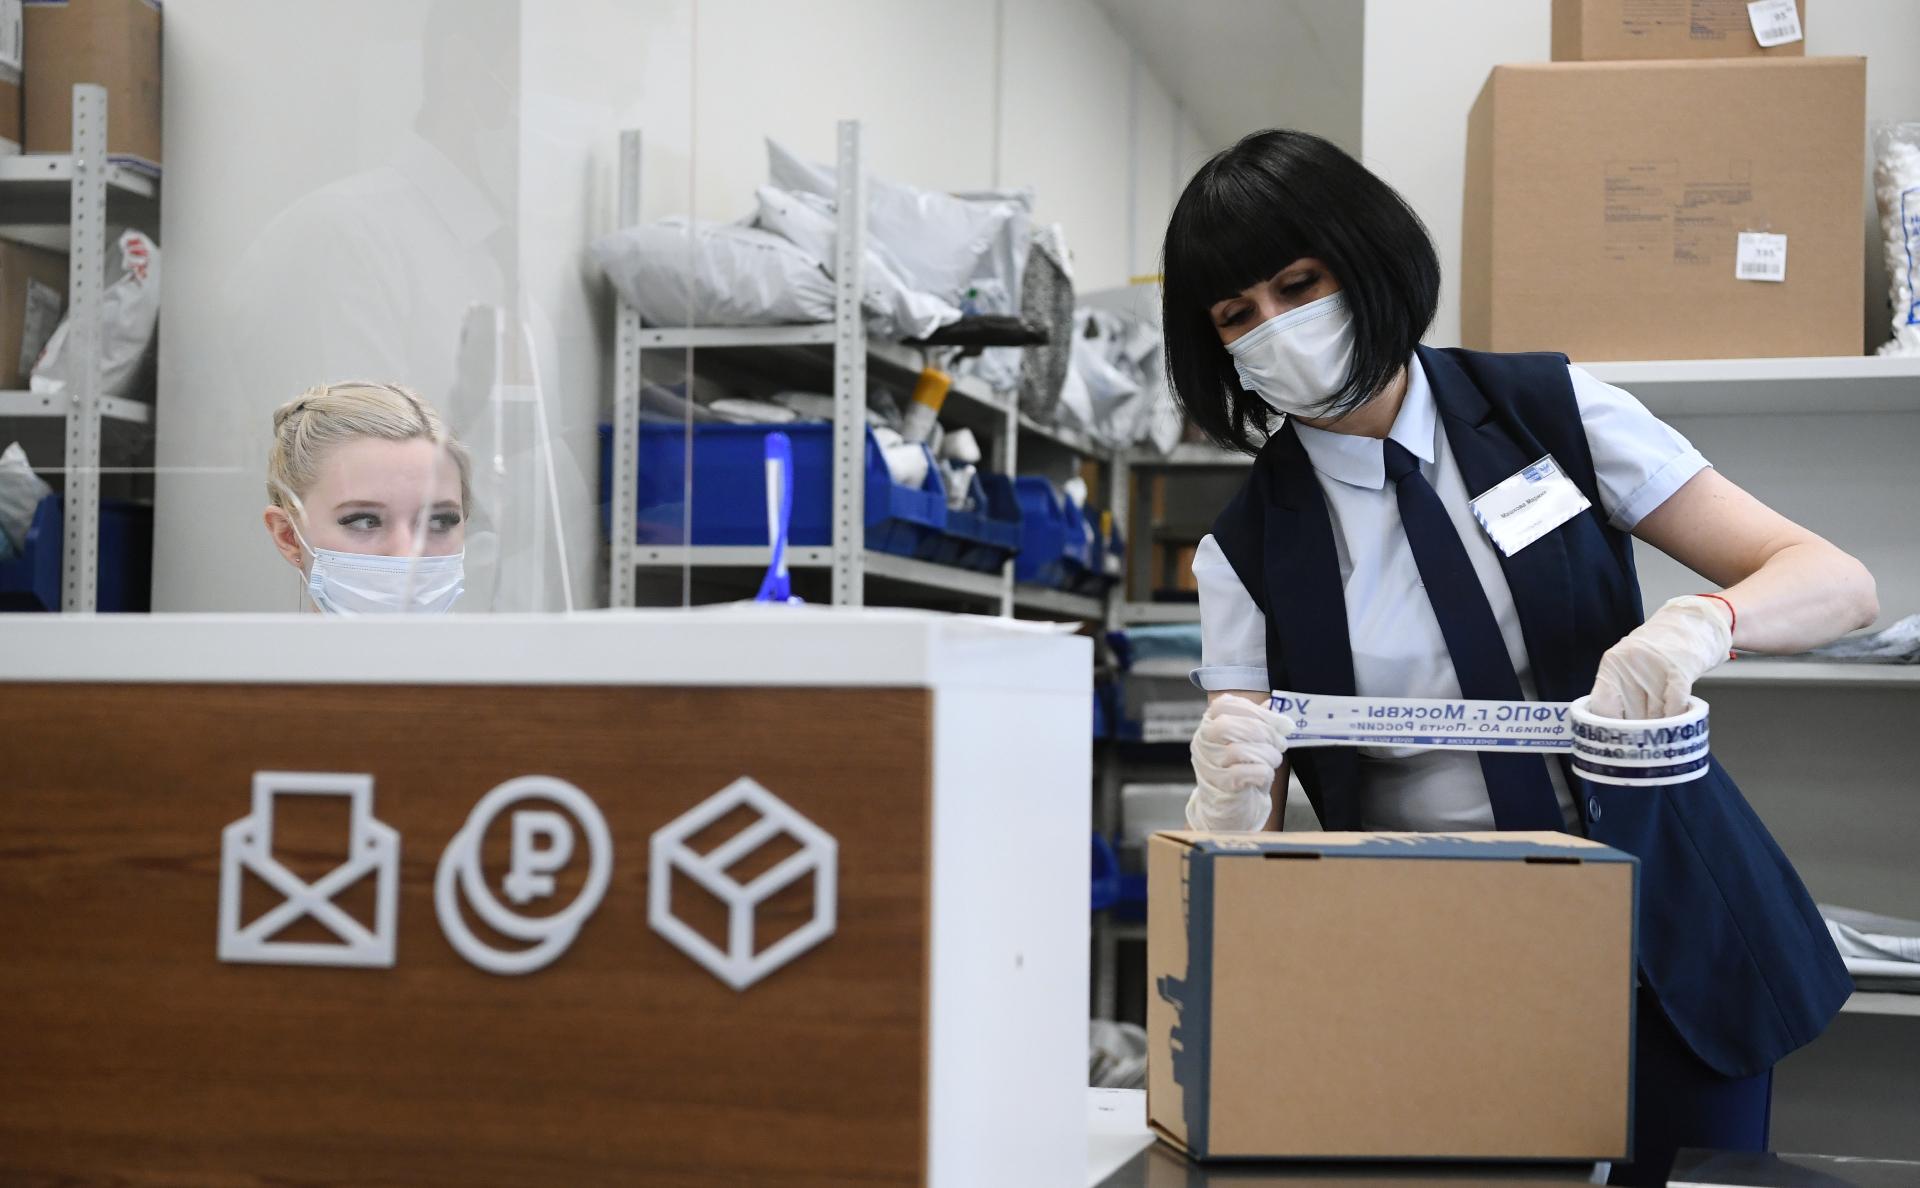 Союз пациентов предложил доставлять рецептурные препараты «Почтой России»